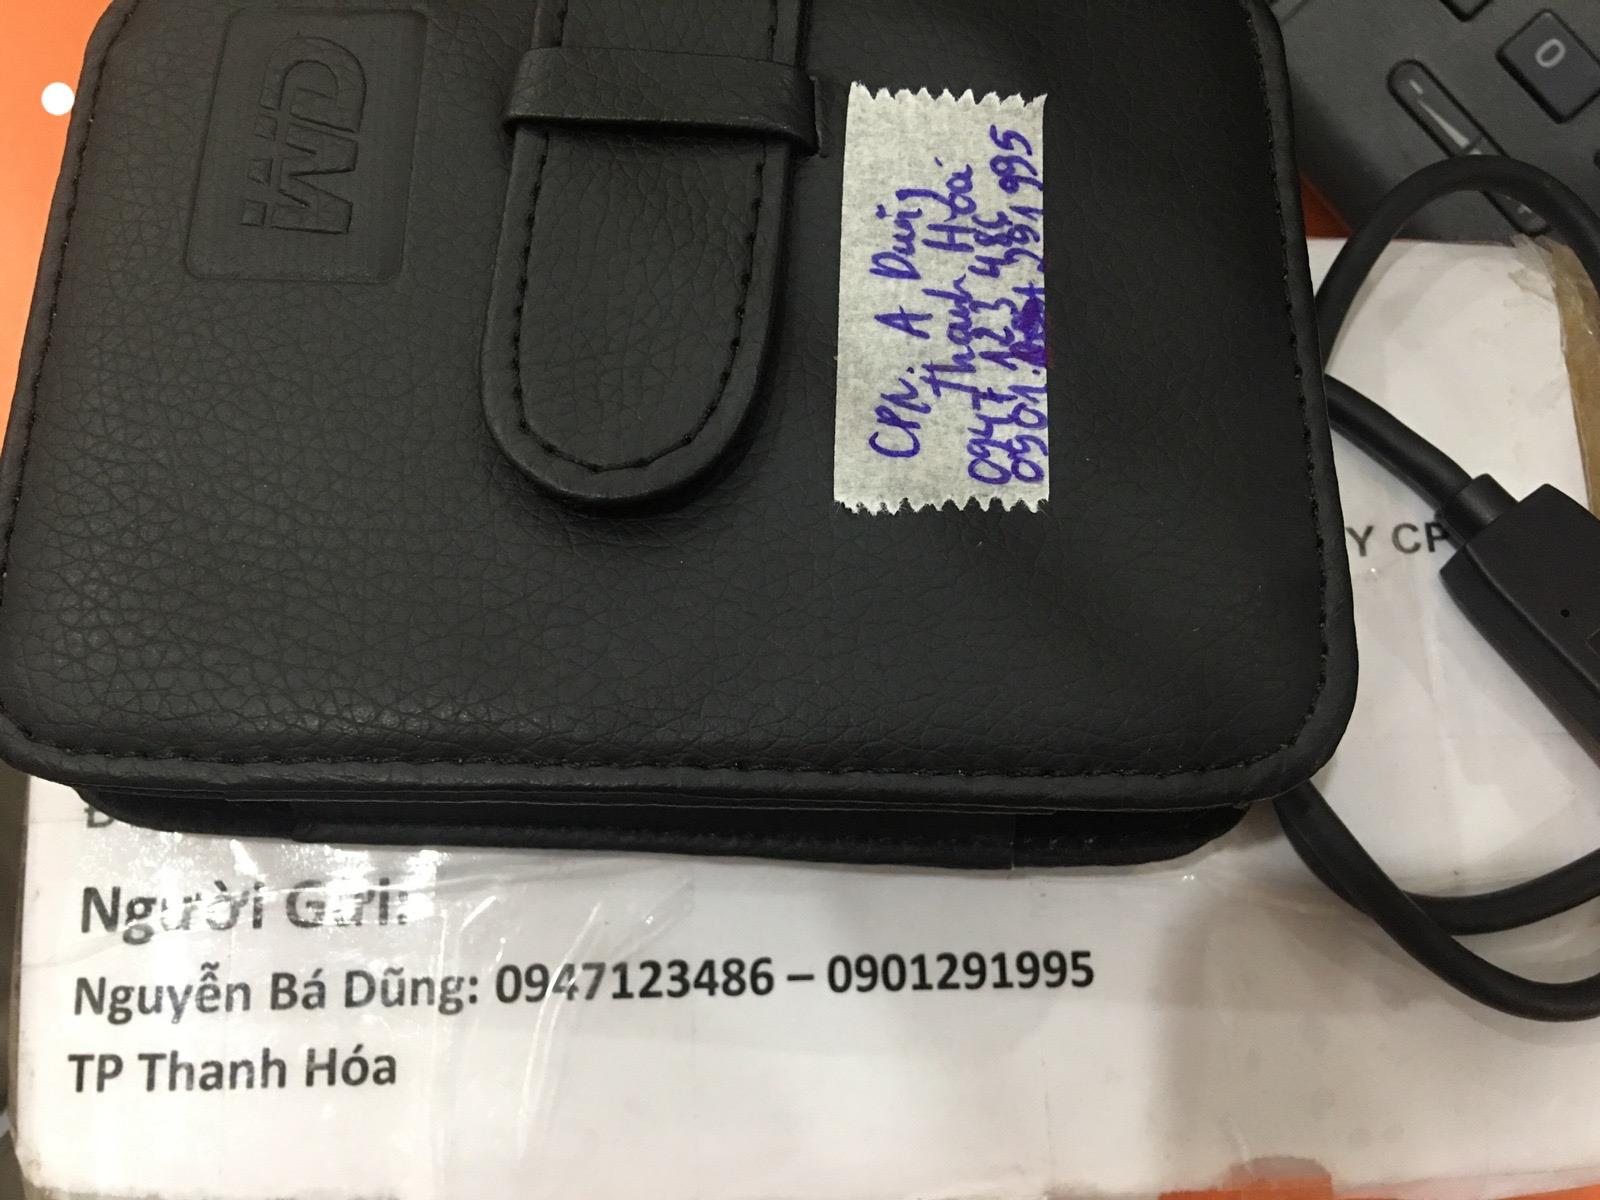 Cứu dữ liệu ổ cứng Western 1TB lỗi cơ tại Thanh Hóa 05/05/2020 - cuumaytinh